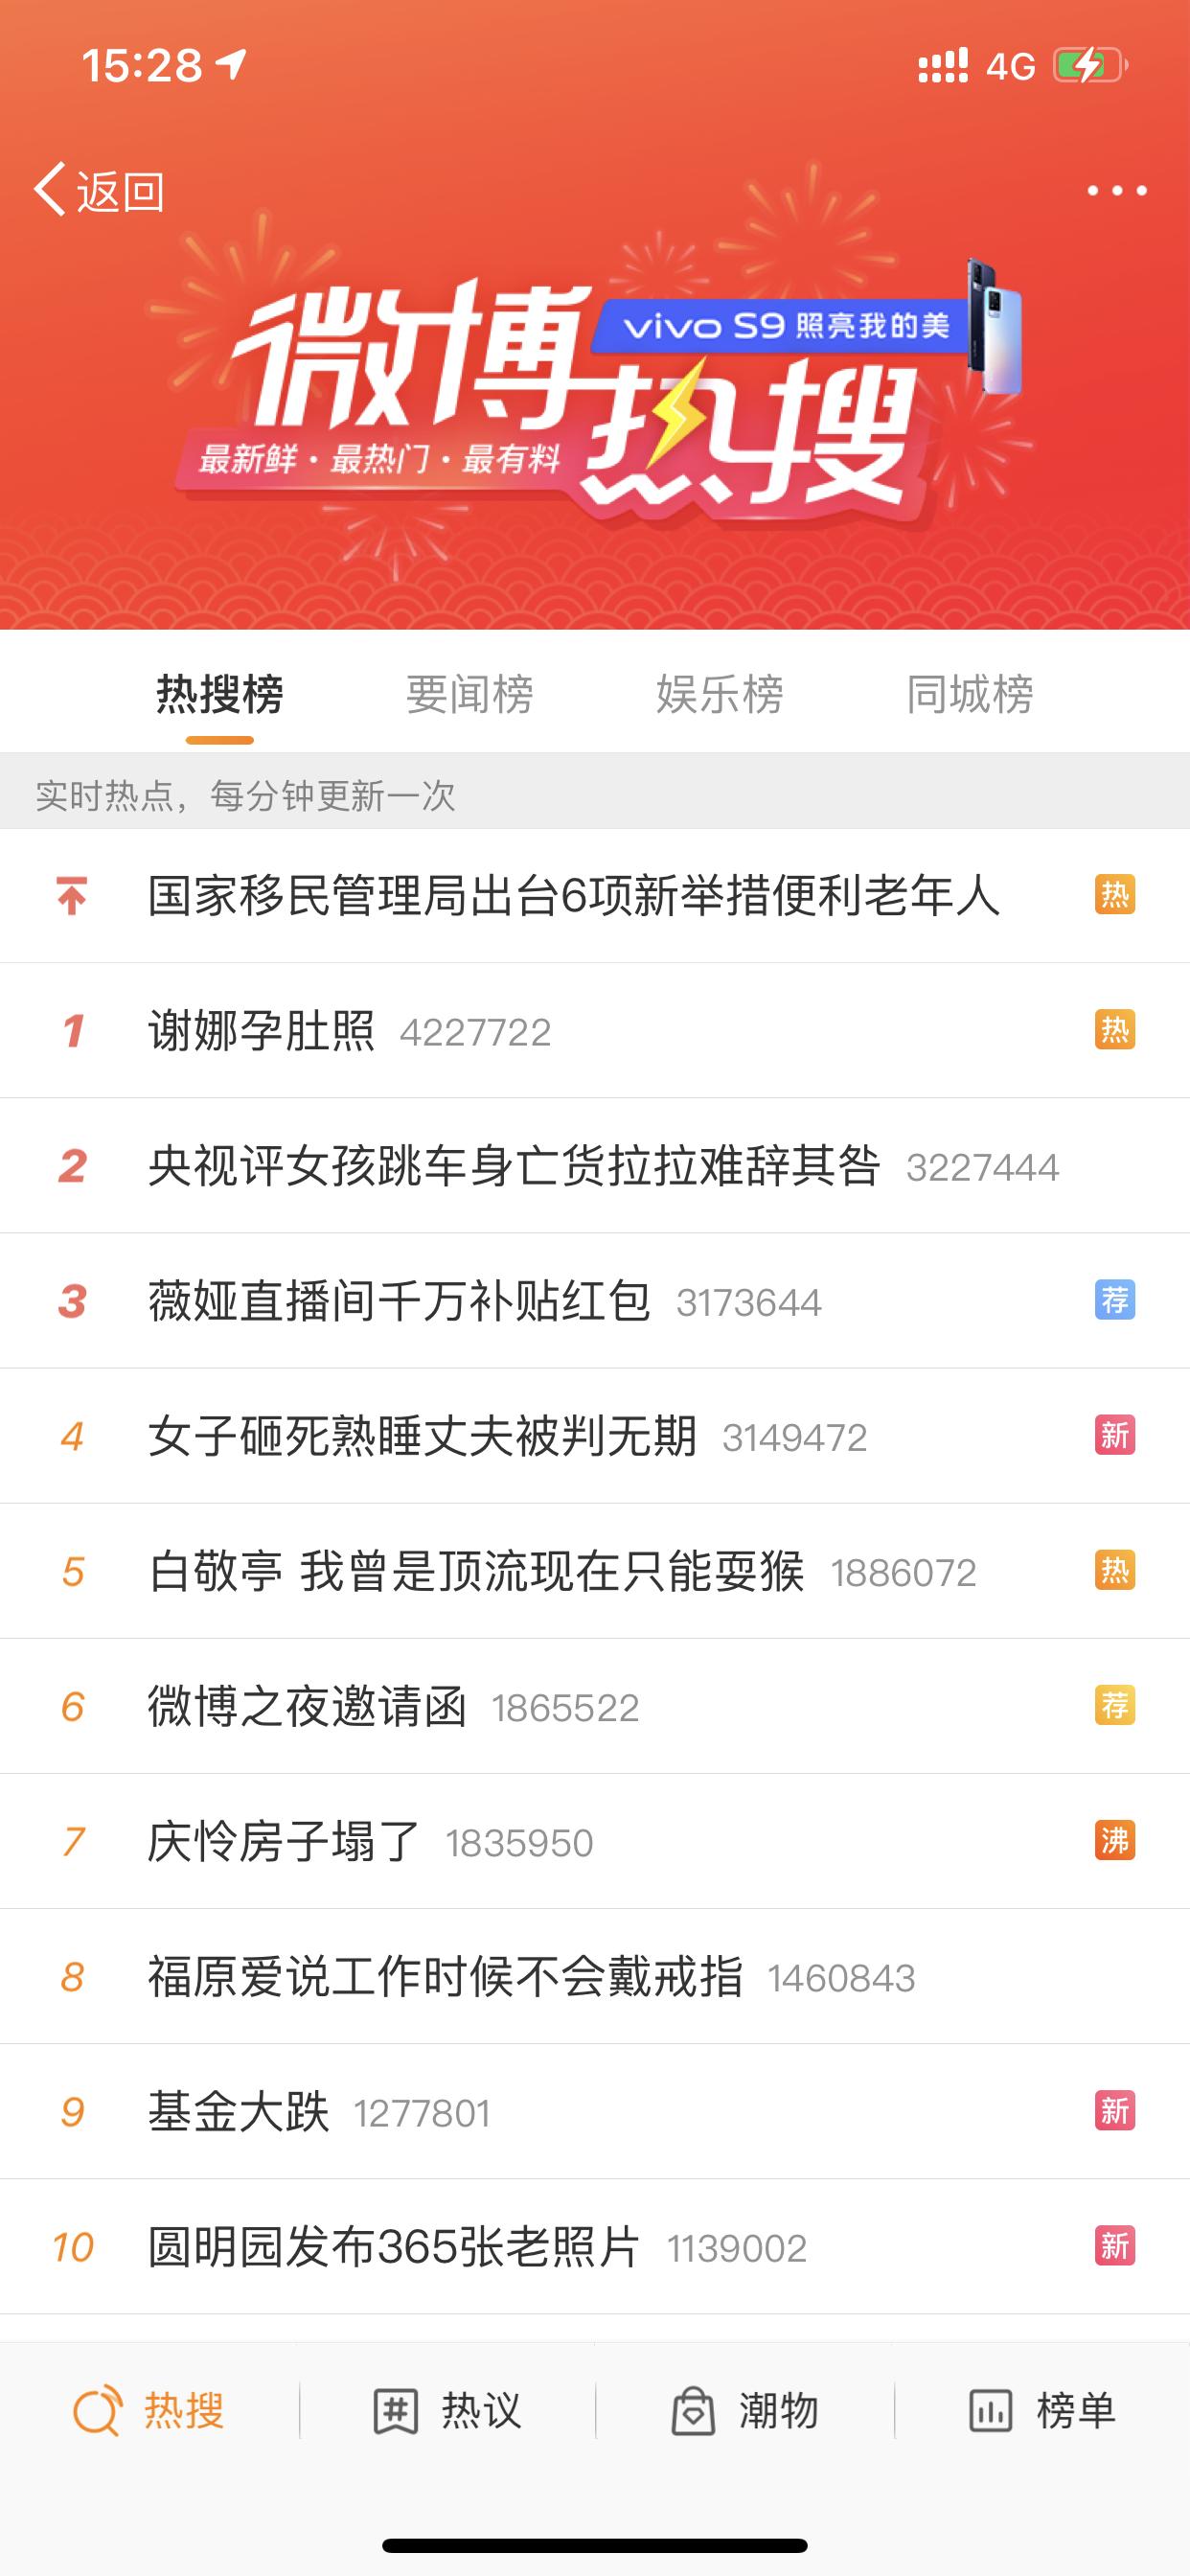 2月24日收盘后15时28分的微博热搜榜